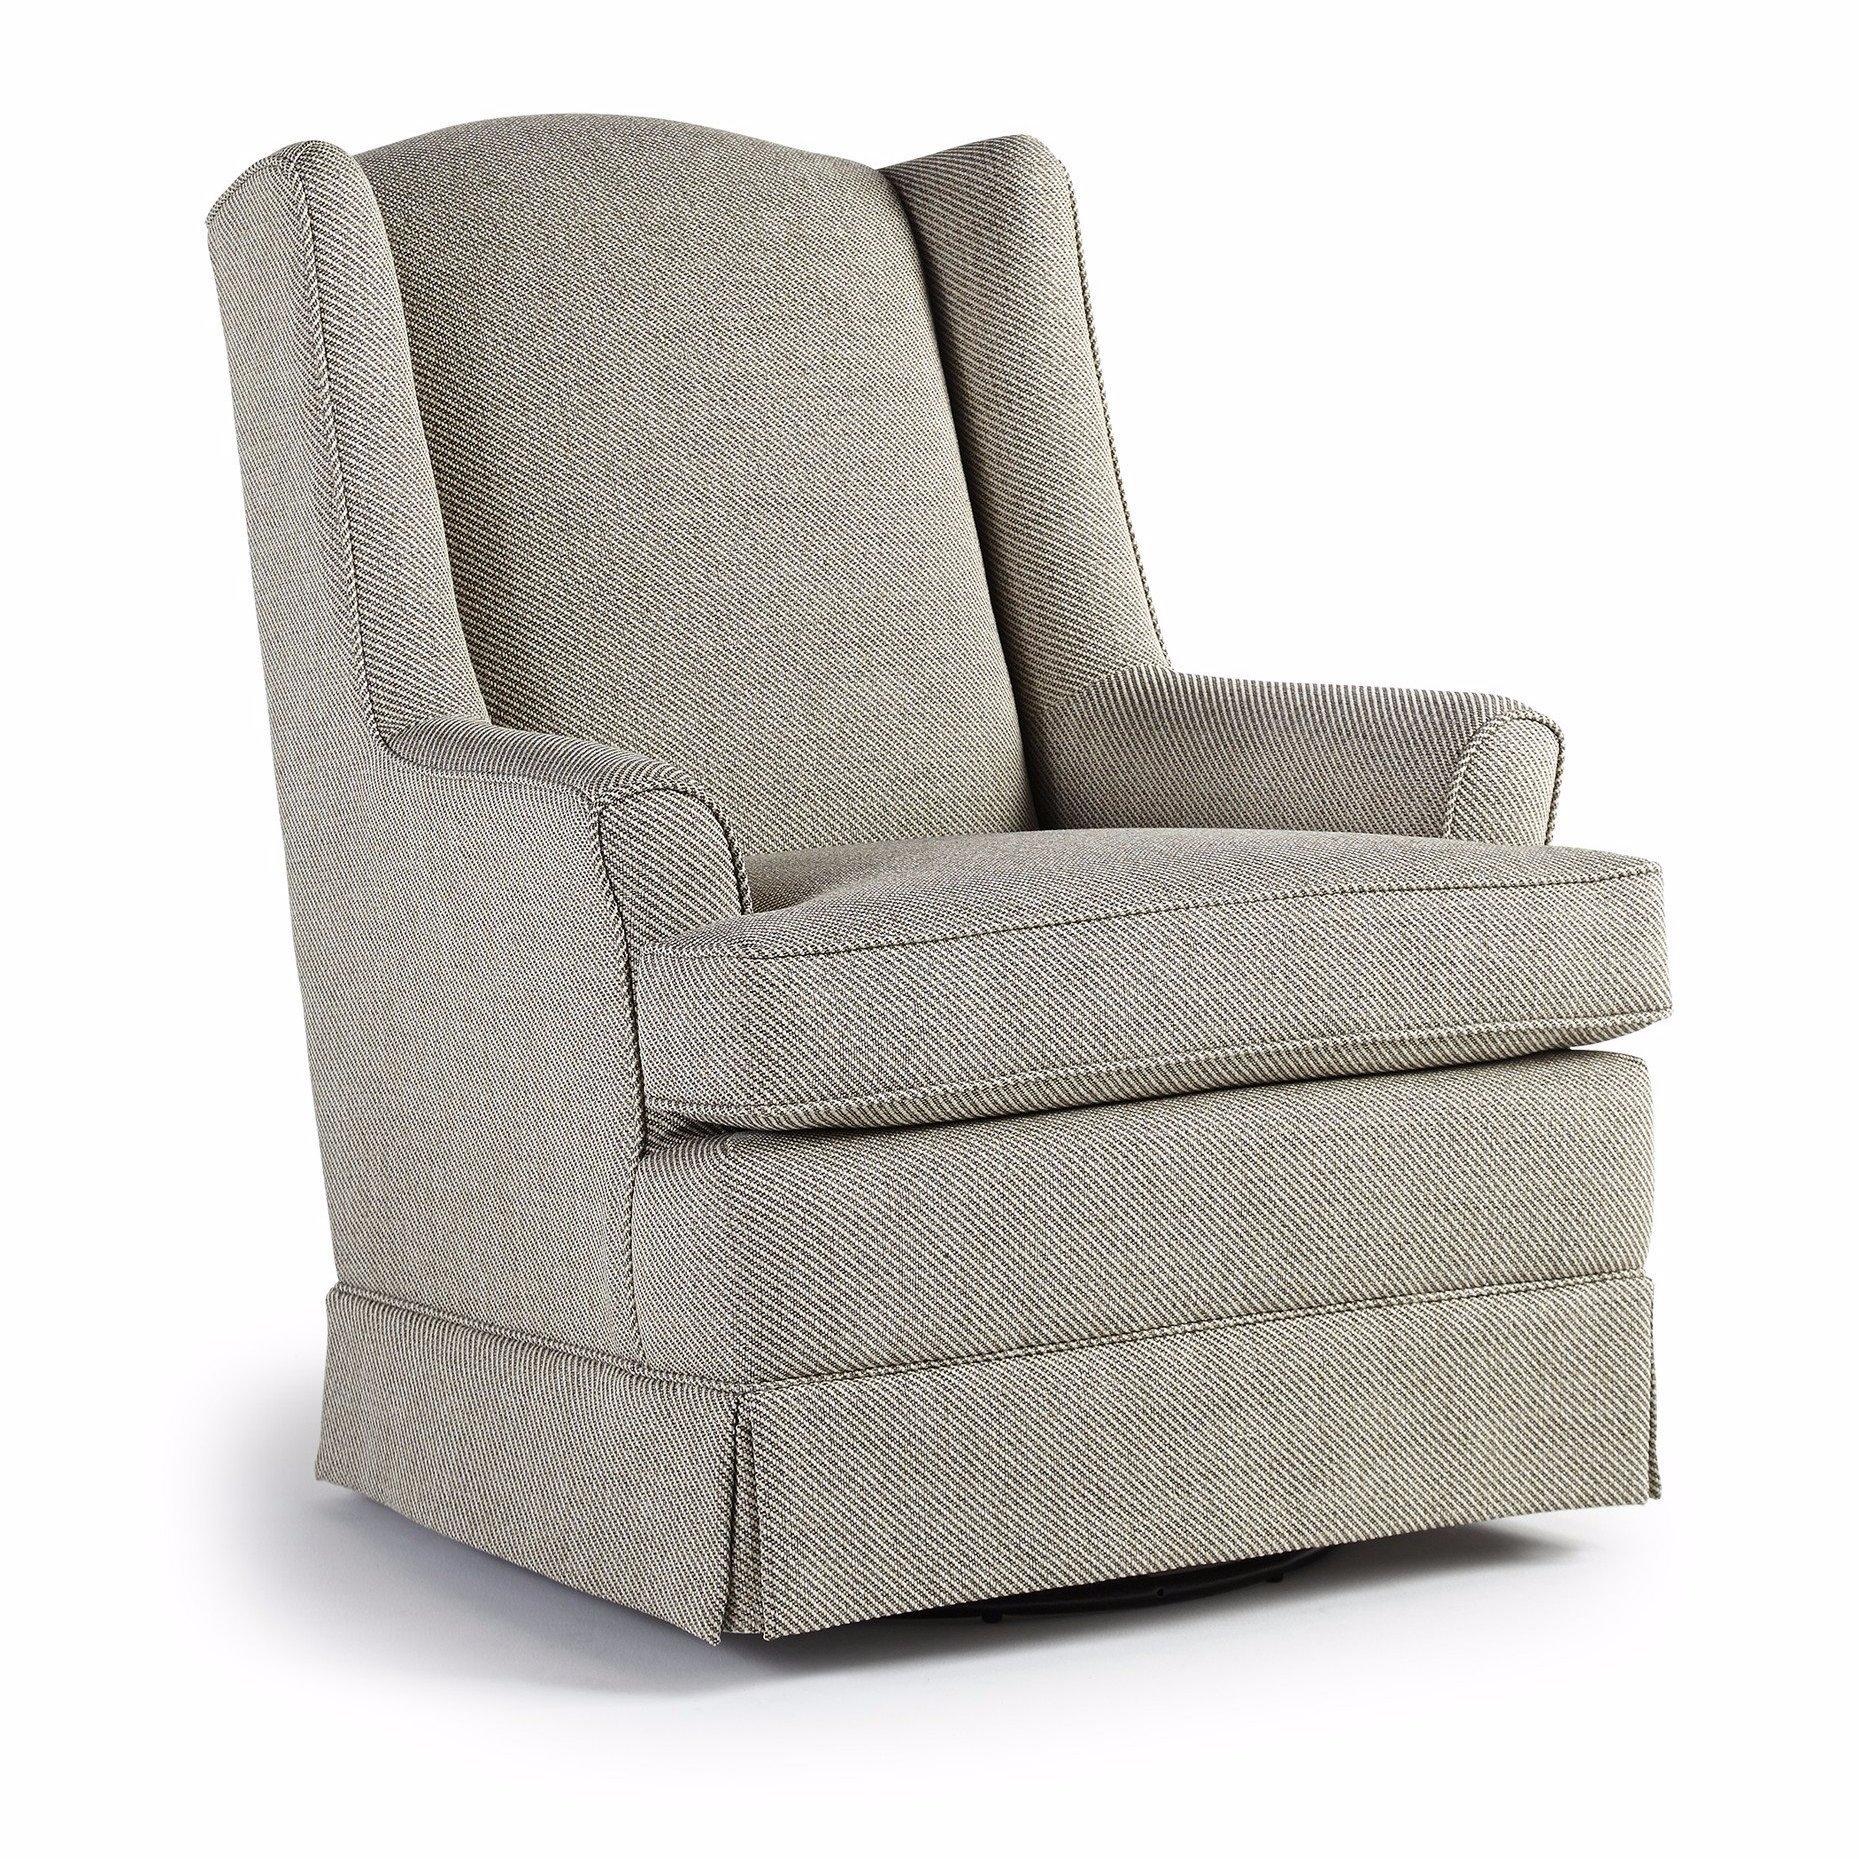 Merveilleux Swivel Chair Living Room